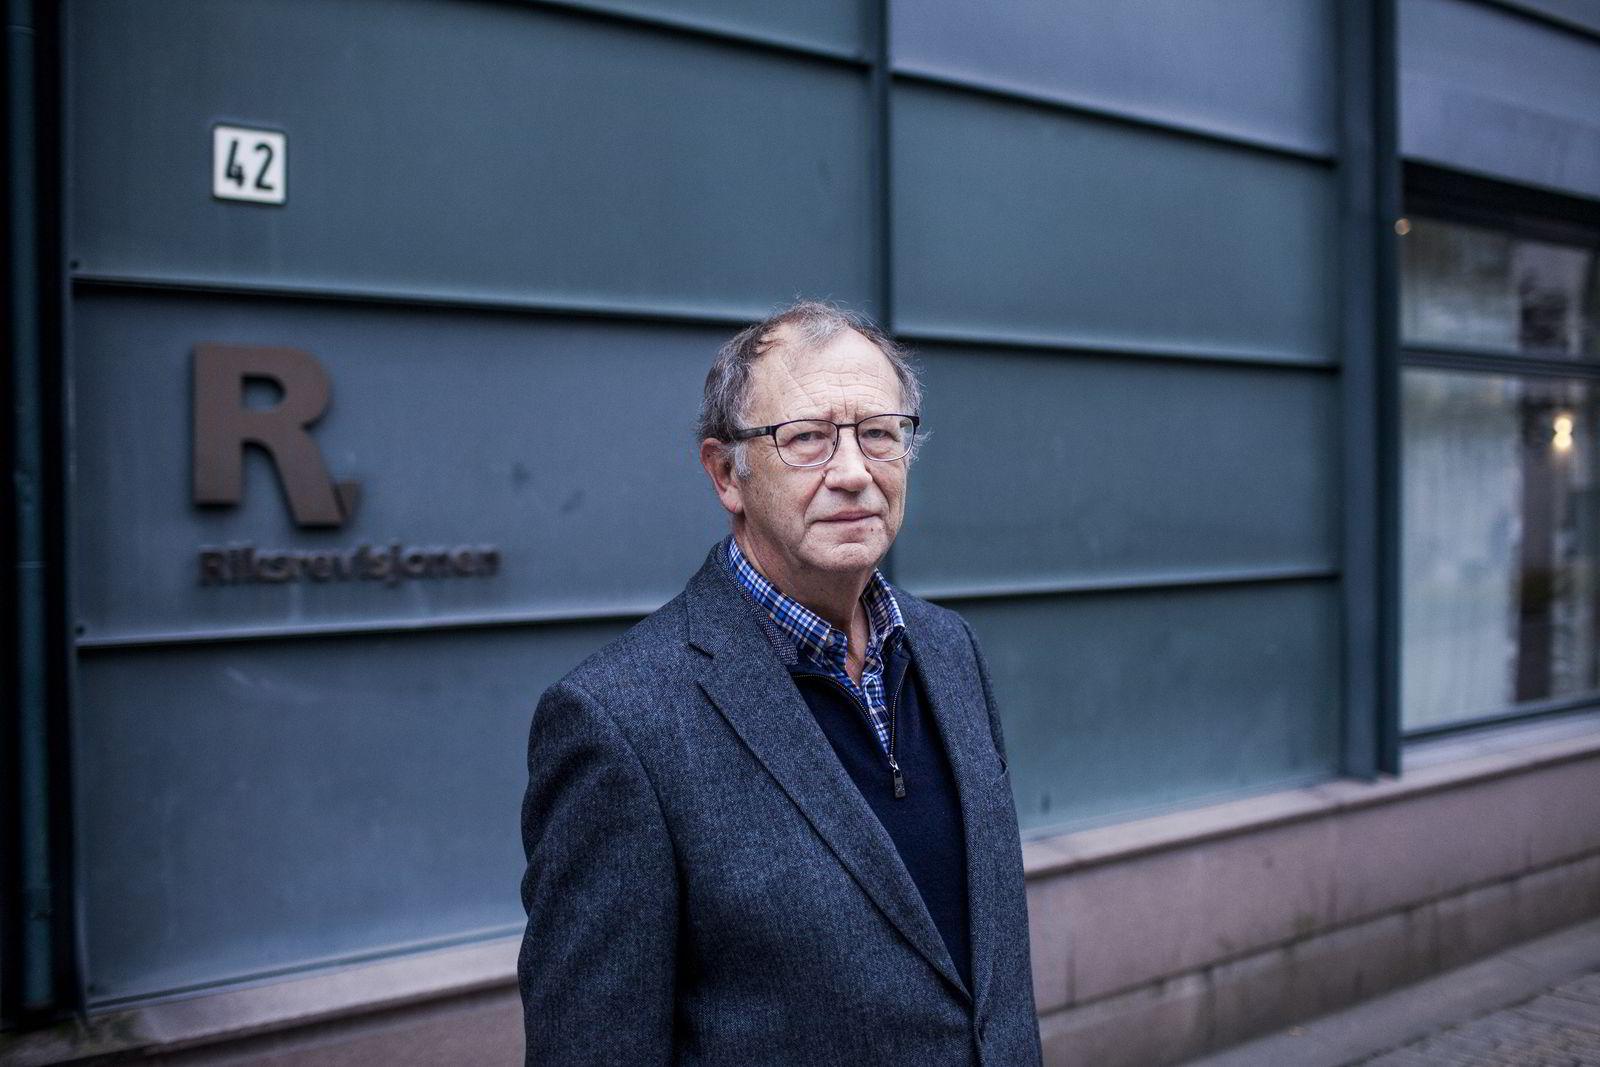 Ekspedisjonssjef i Riksrevisjonen Per Anders Engeseth har reagert på Kunnskapsdepartementets manglende oppfølging av Anthon B Nilsen-saken.